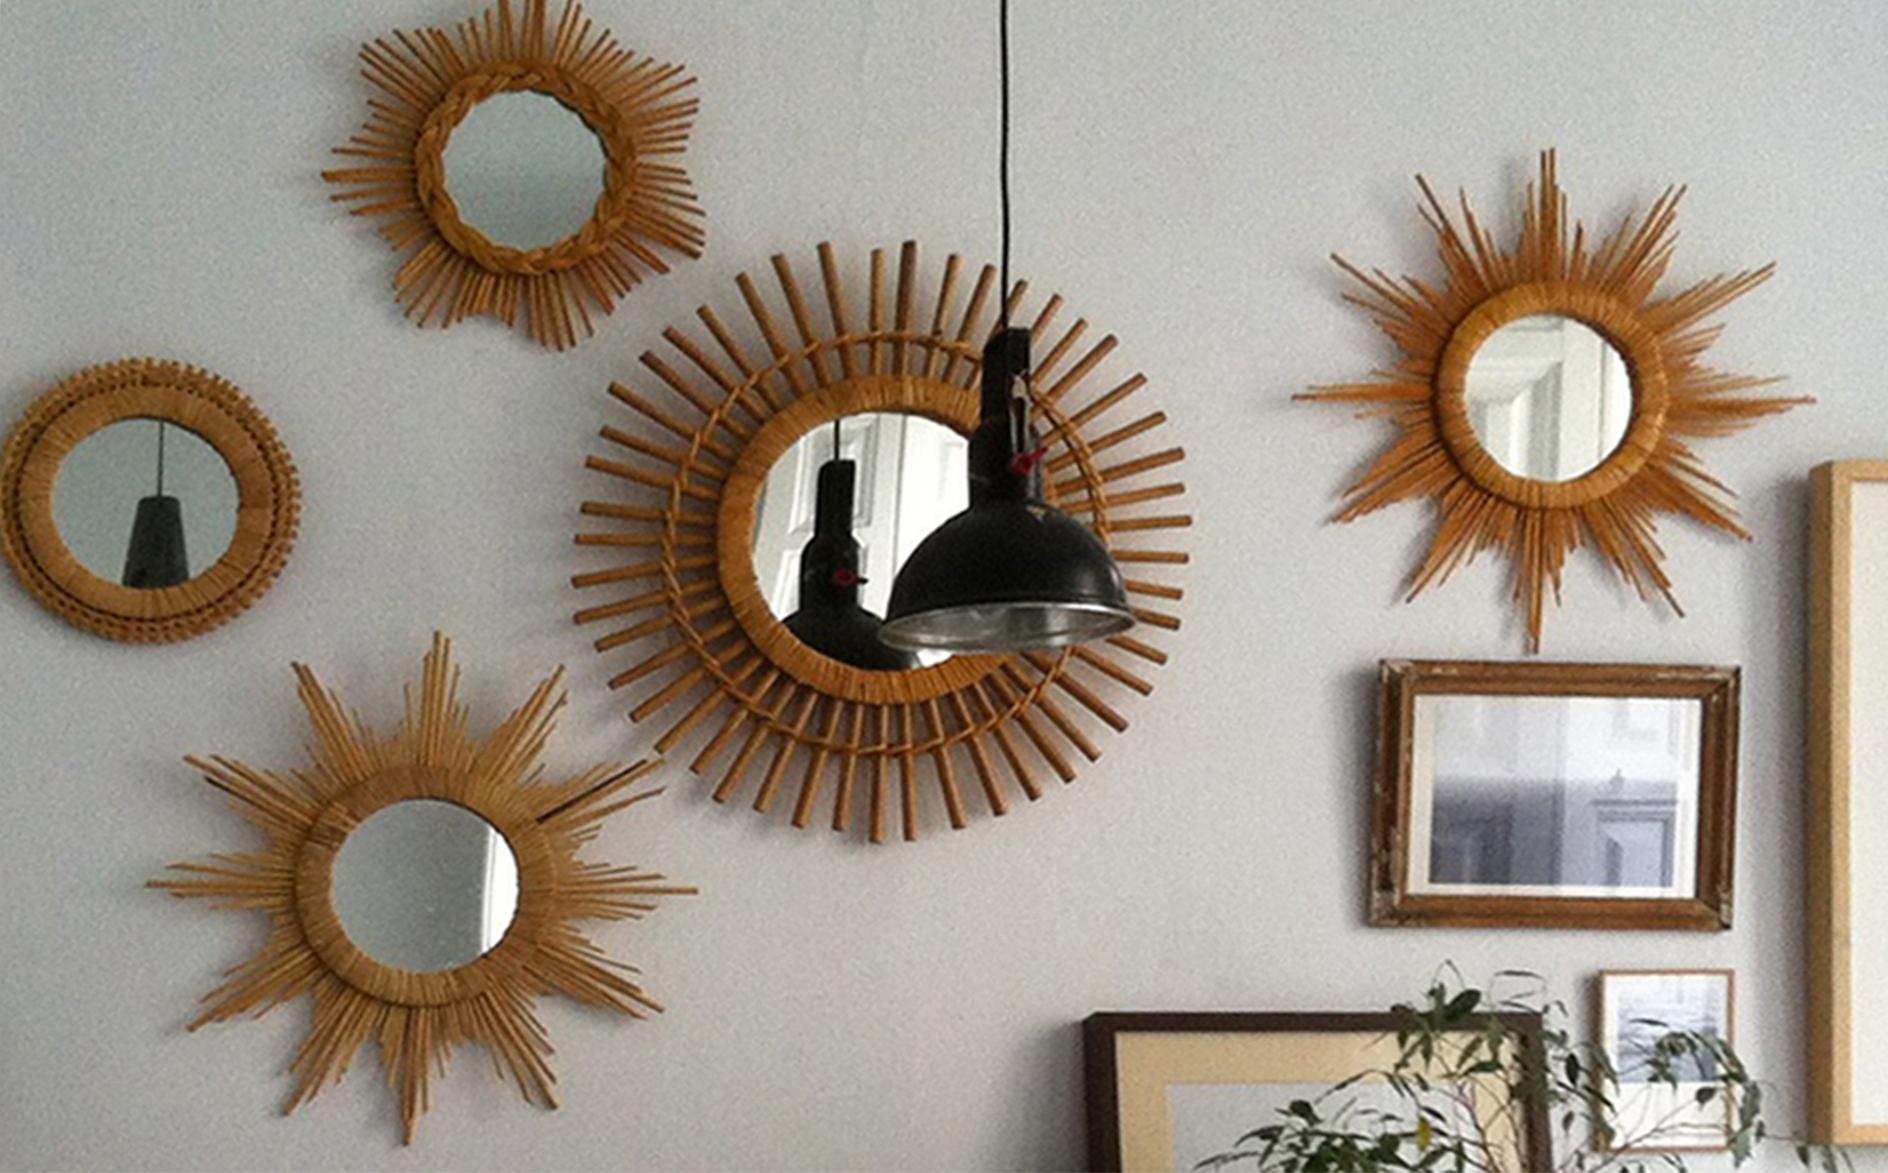 compartir sus diseos y con su maravillosa produccin de espejos sol de bamb que estn teniendo muy buena aceptacin